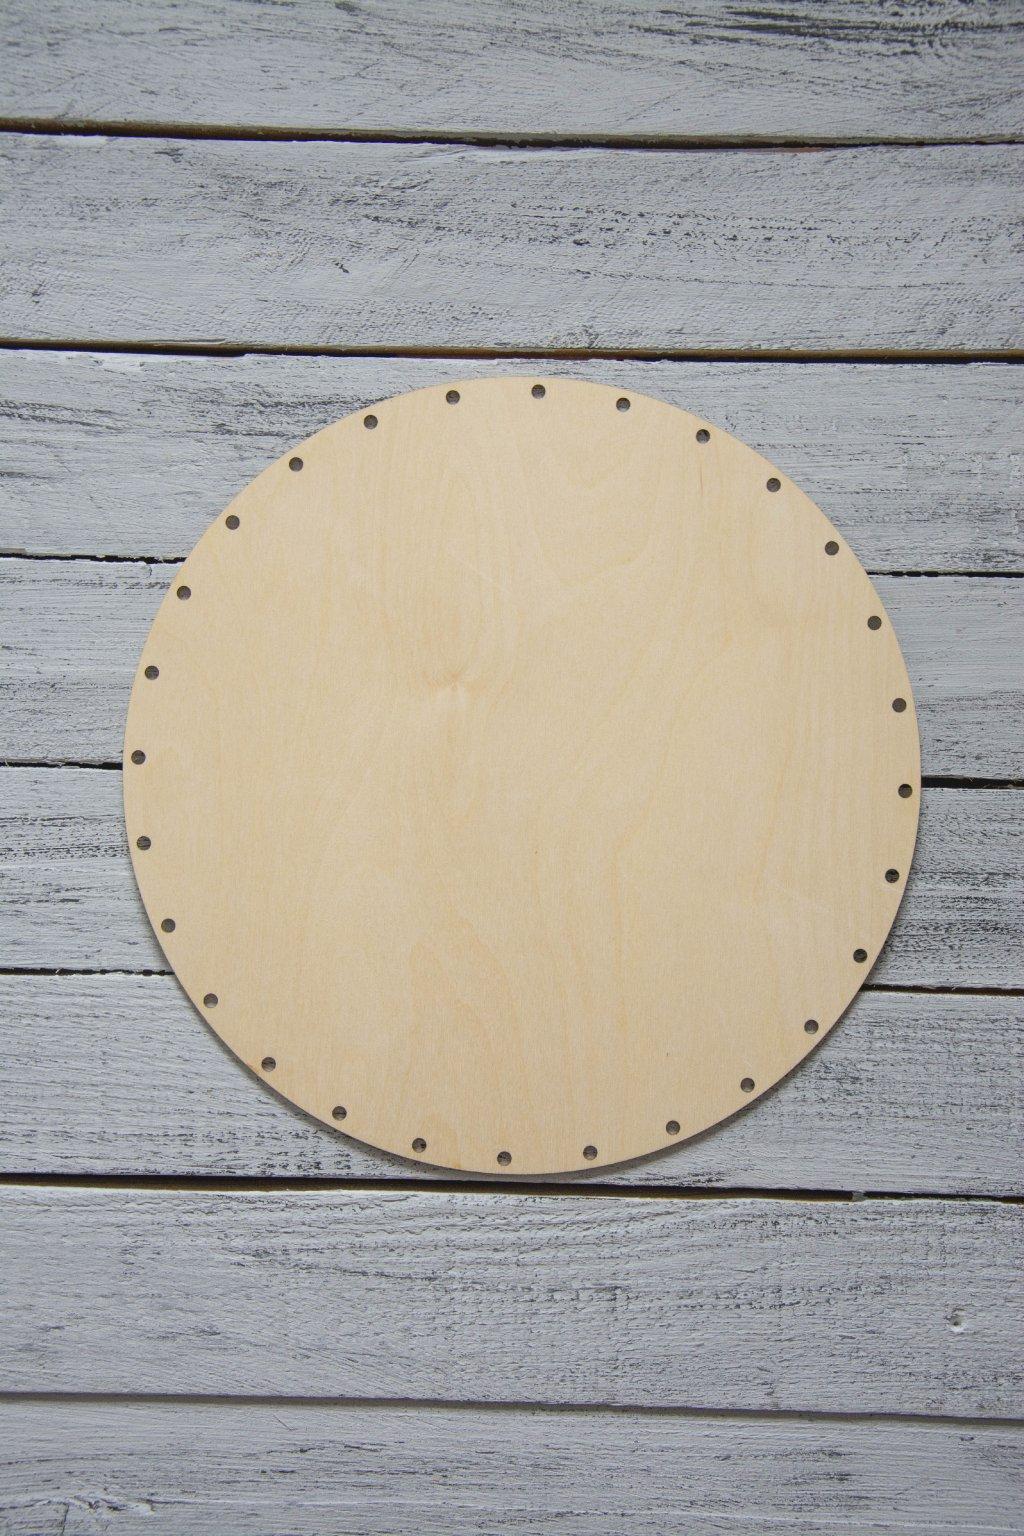 Průměr kruhu 28,5 cm.